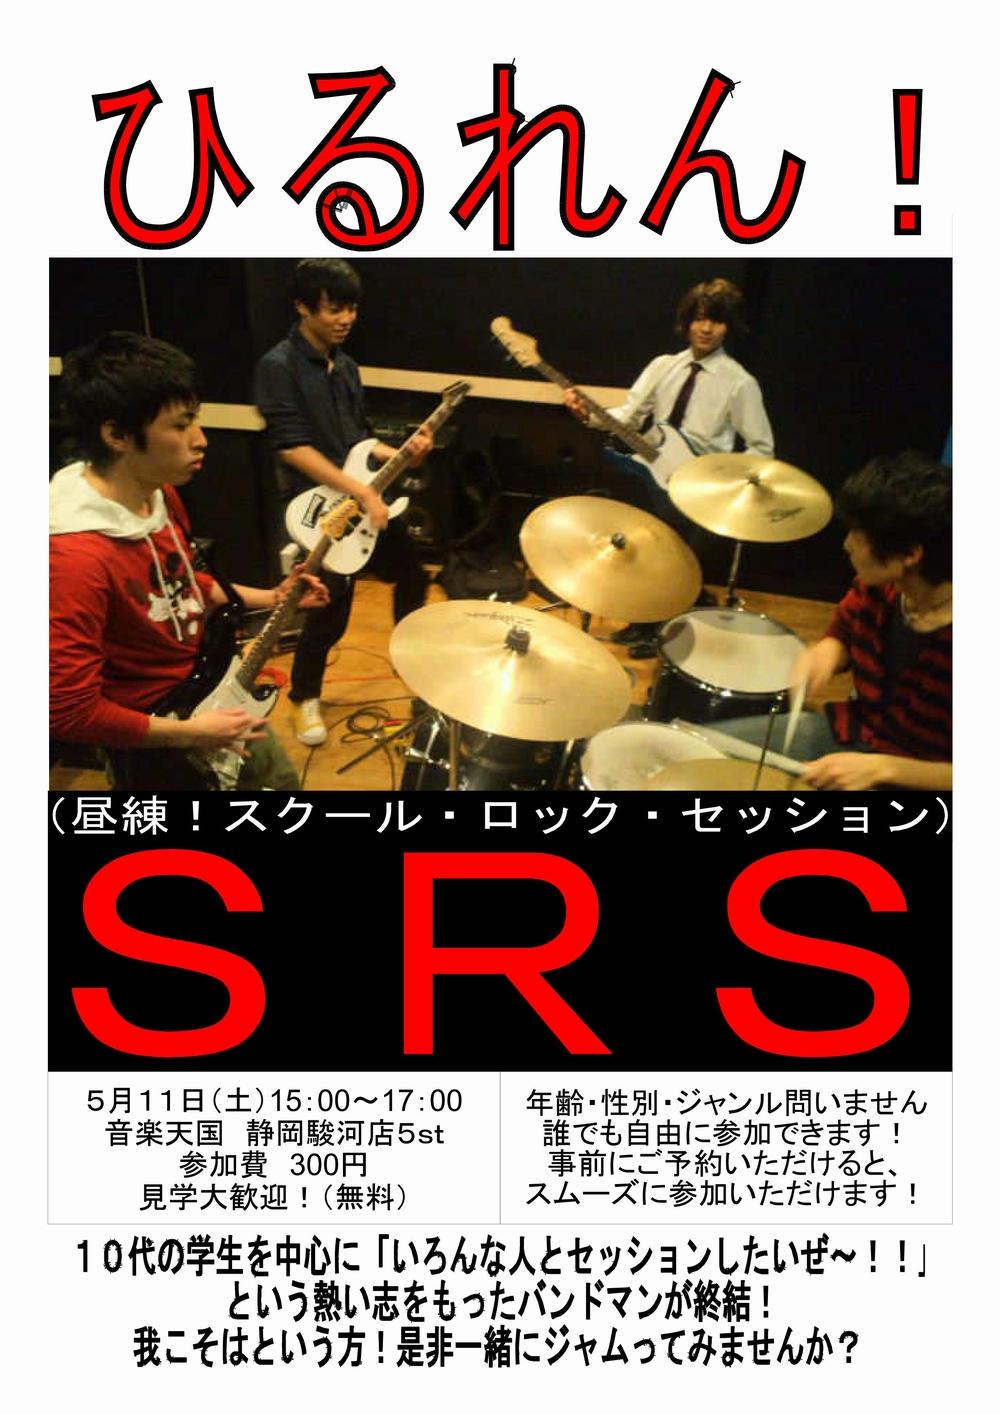 ひるれん!SRS(スクール・ロック・セッション)@静岡駿河店5月11日(土)初開催!